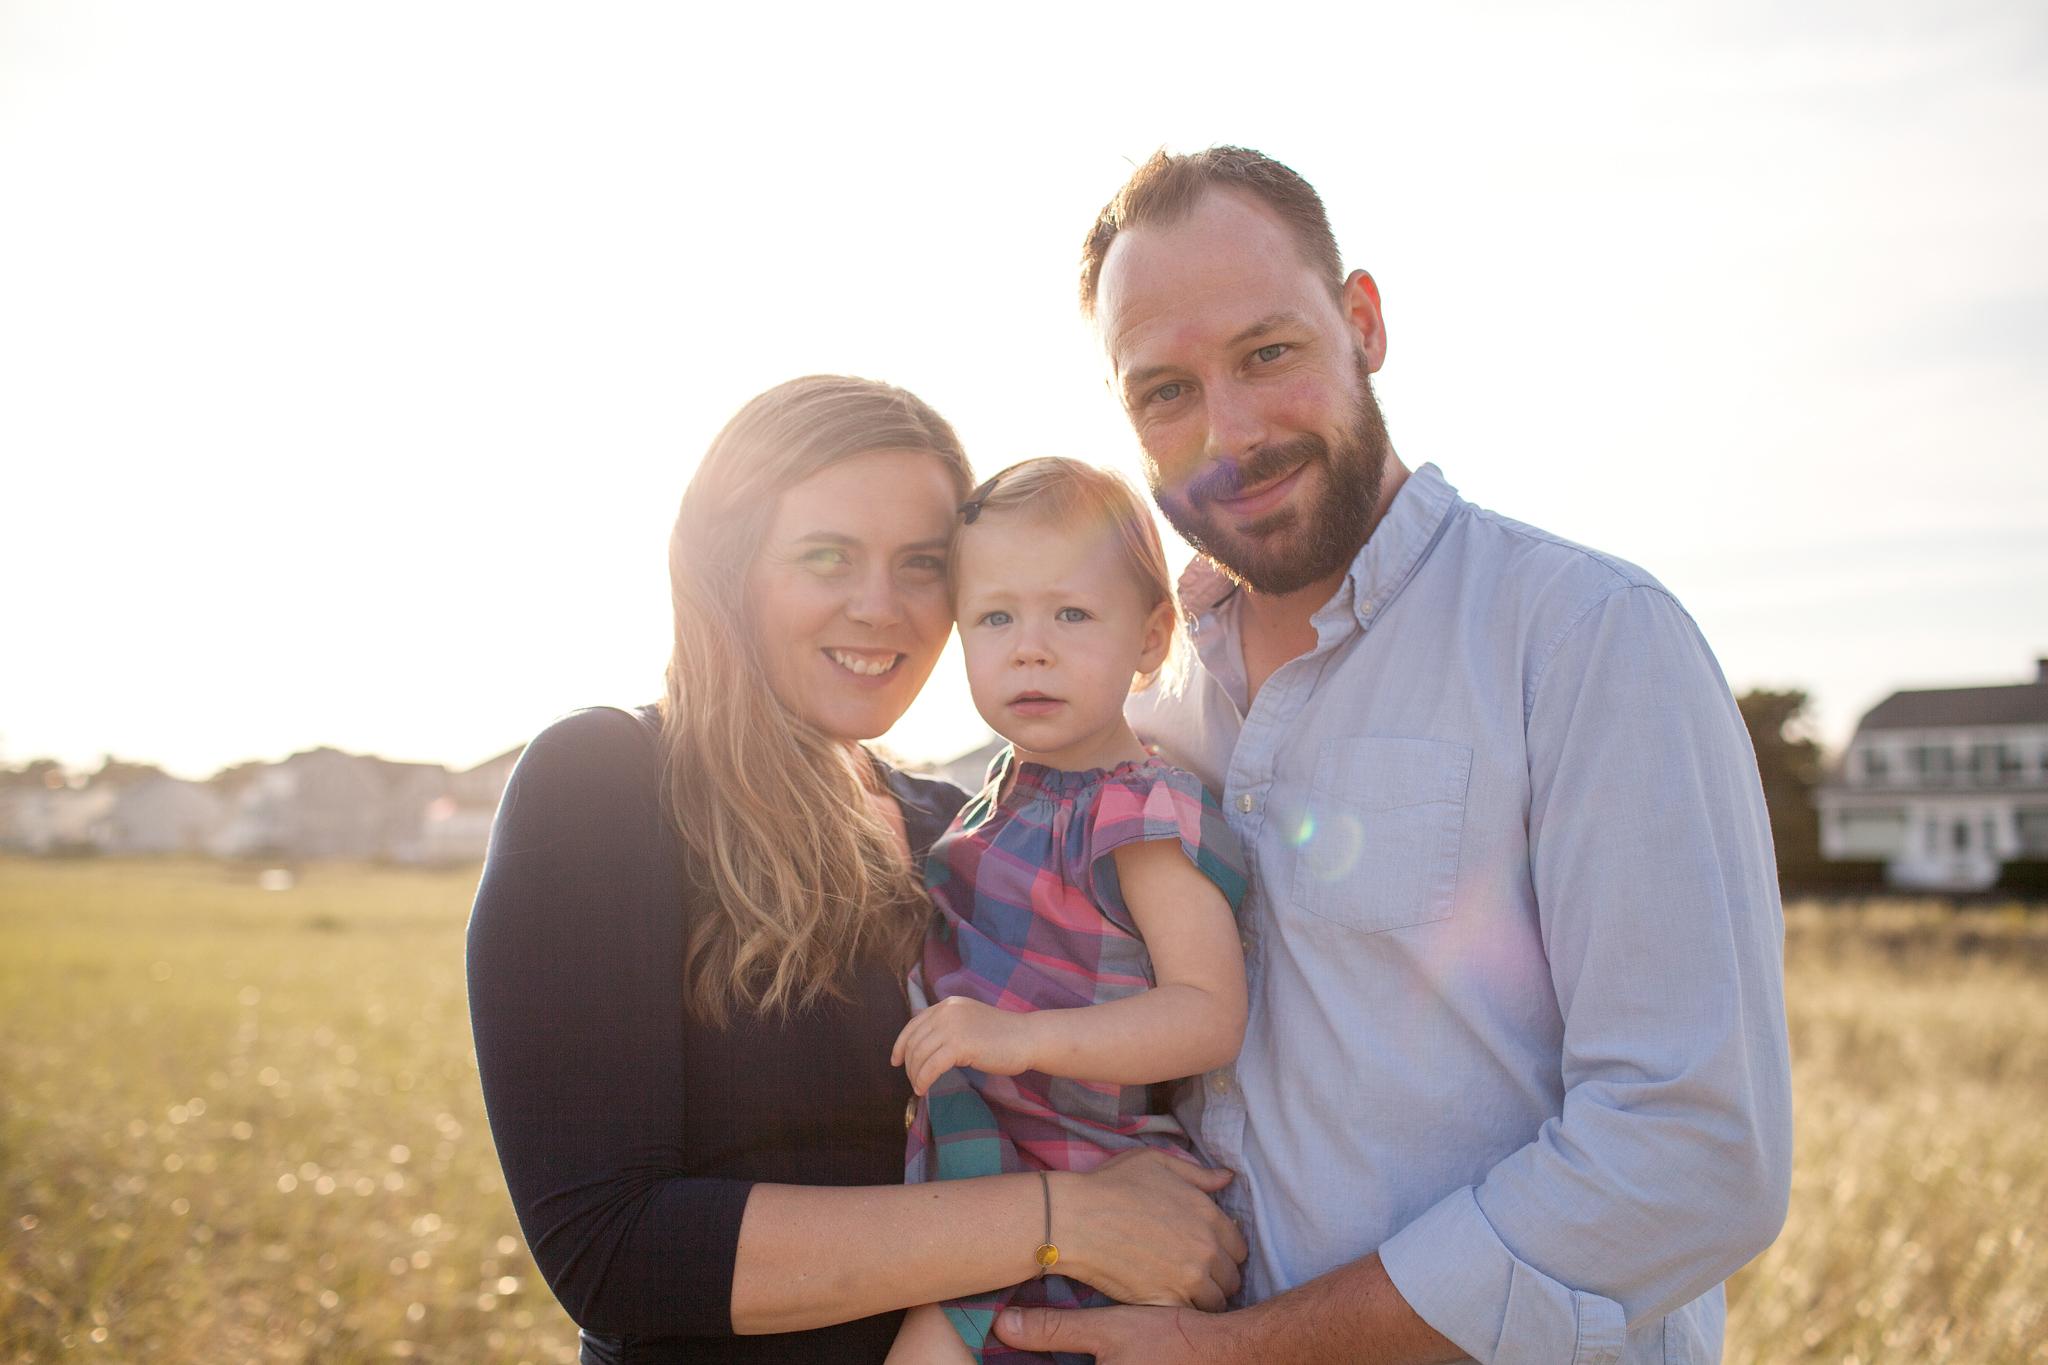 maine-family-photography-pine-point- beach-10.jpg